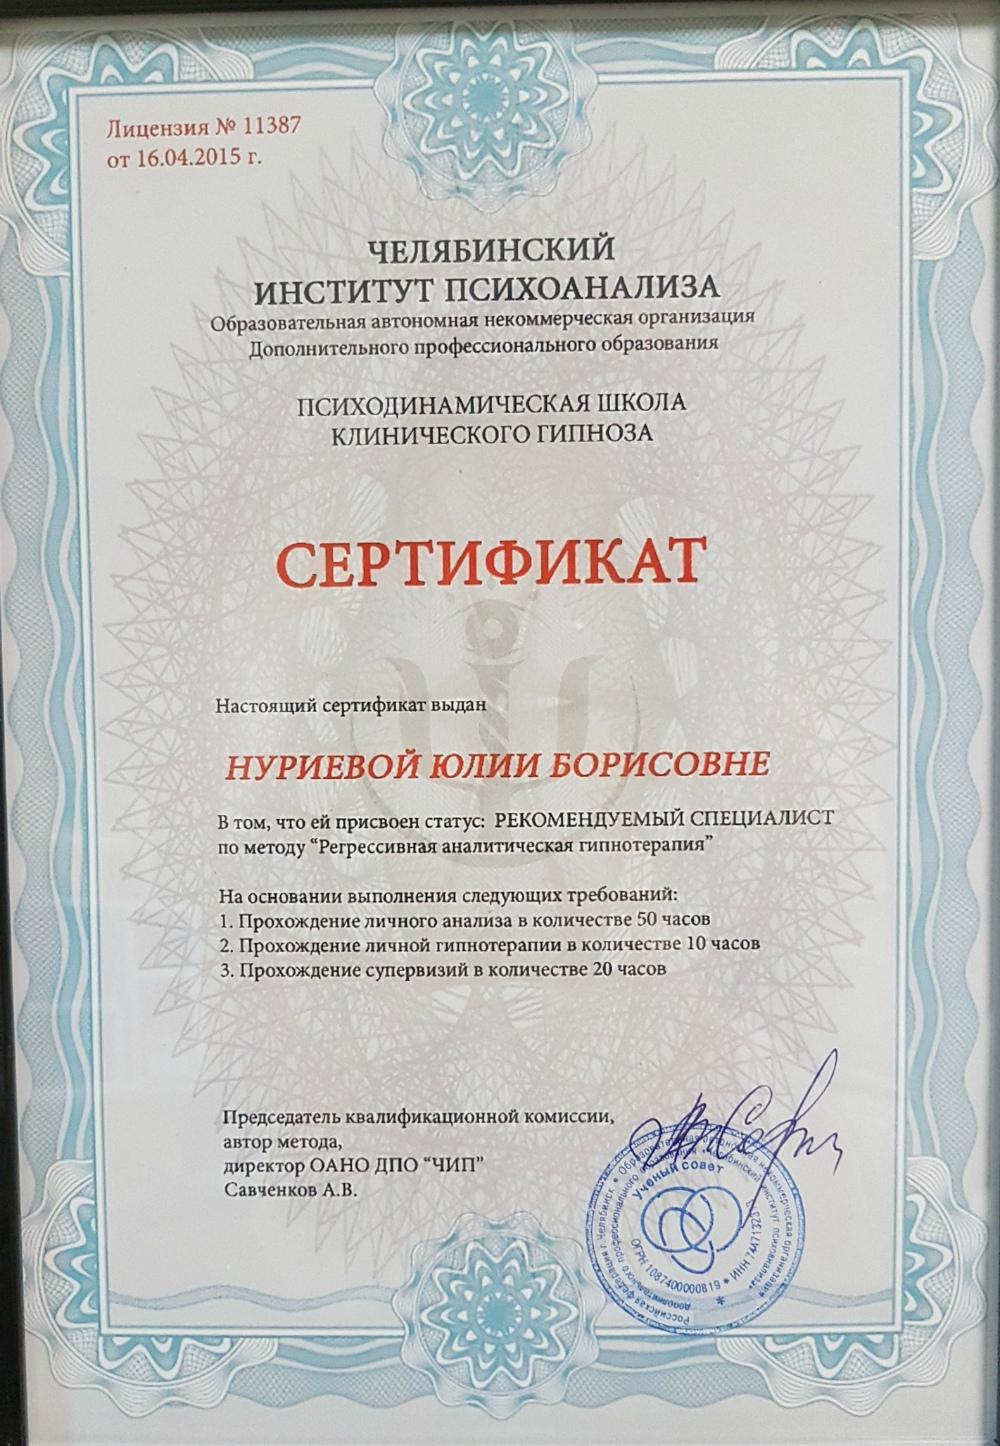 Сертификат по регрессивной аналитической гипнотерапии